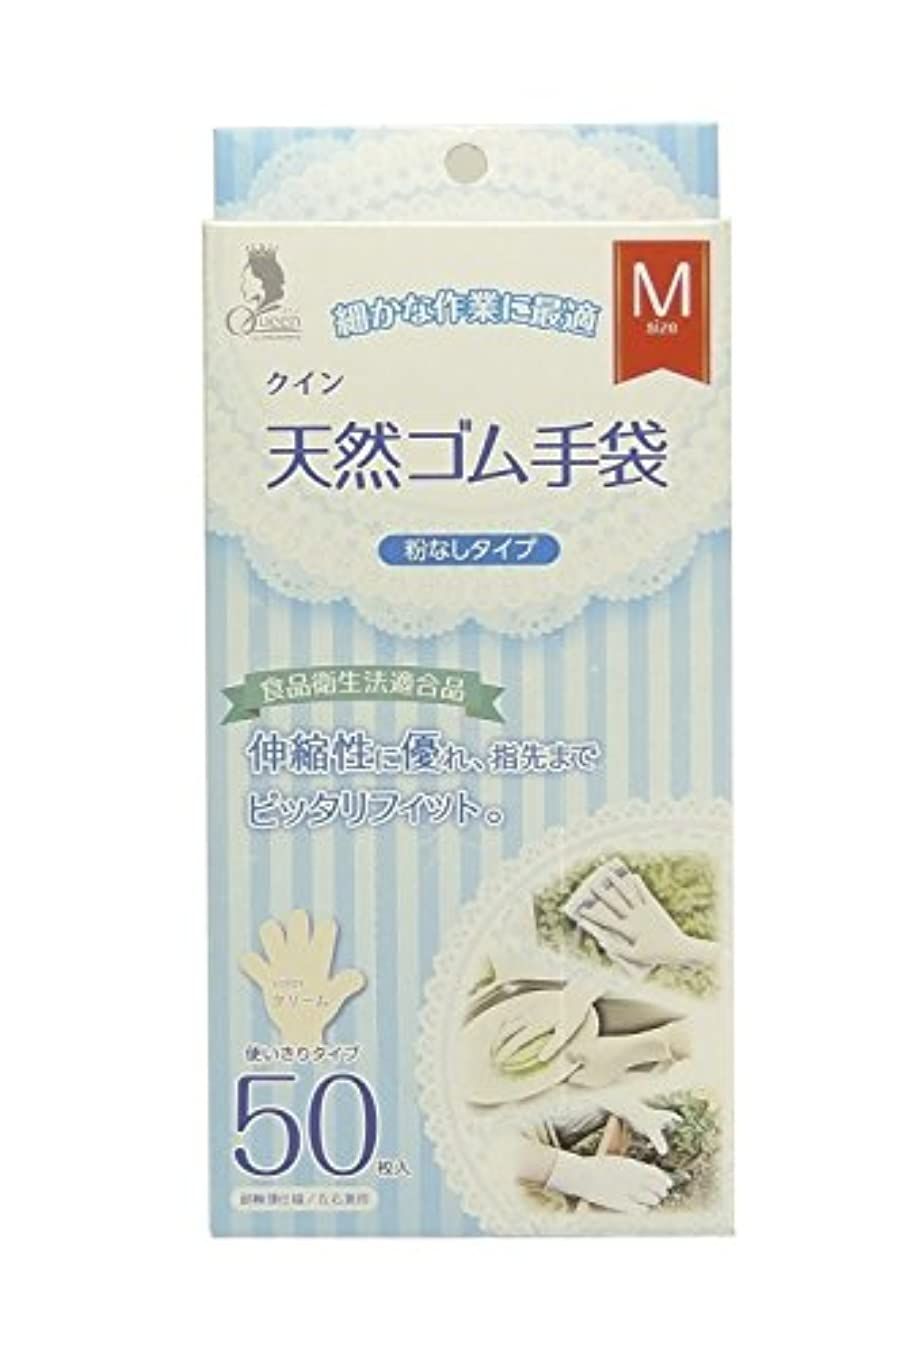 晴れ独立した廃棄宇都宮製作 クイン 天然ゴム手袋(パウダーフリー) M 50枚